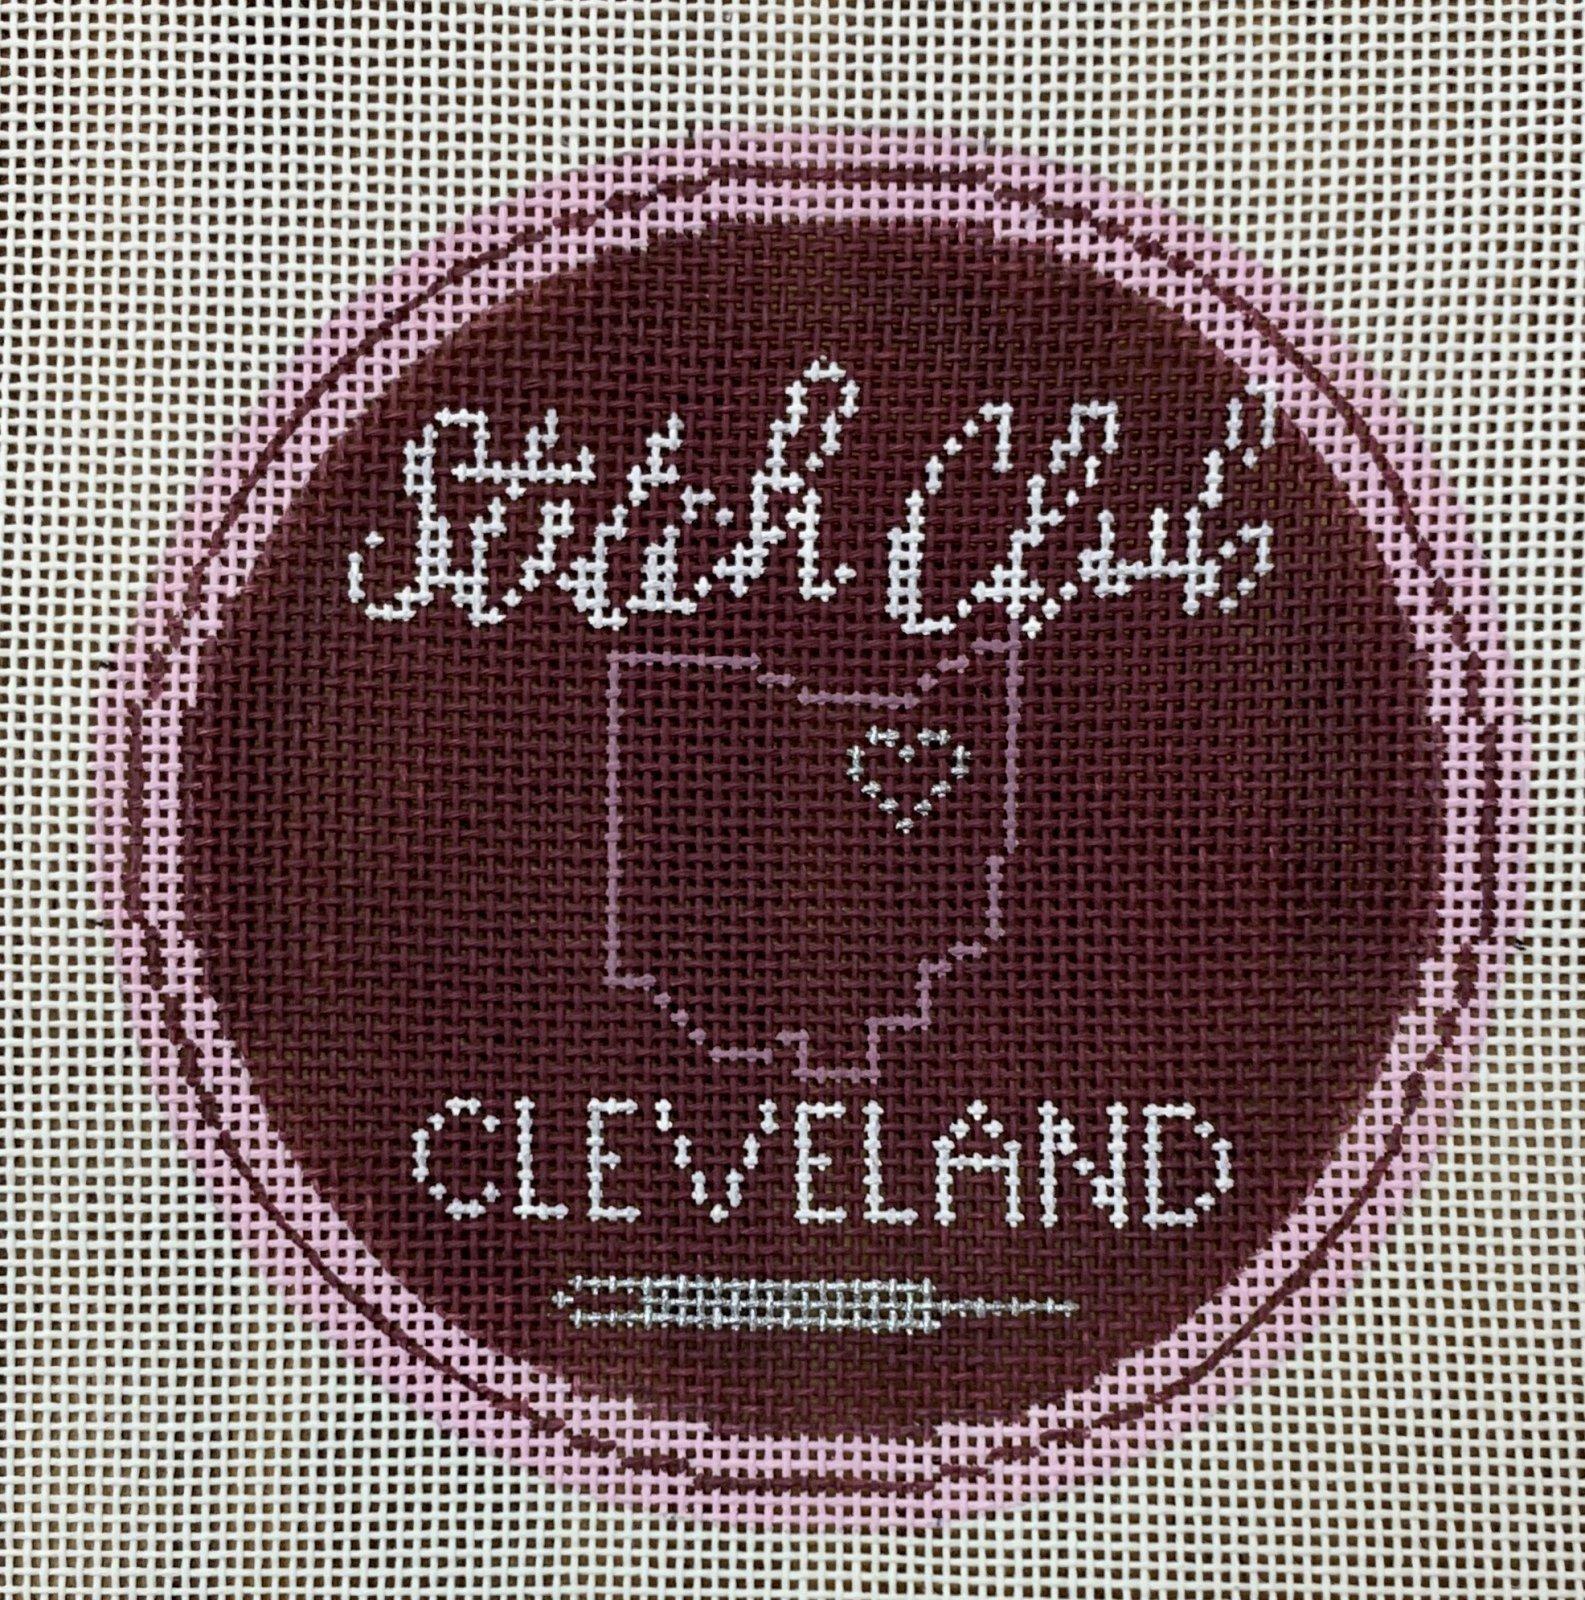 LL149 Stitch Club Cleveland